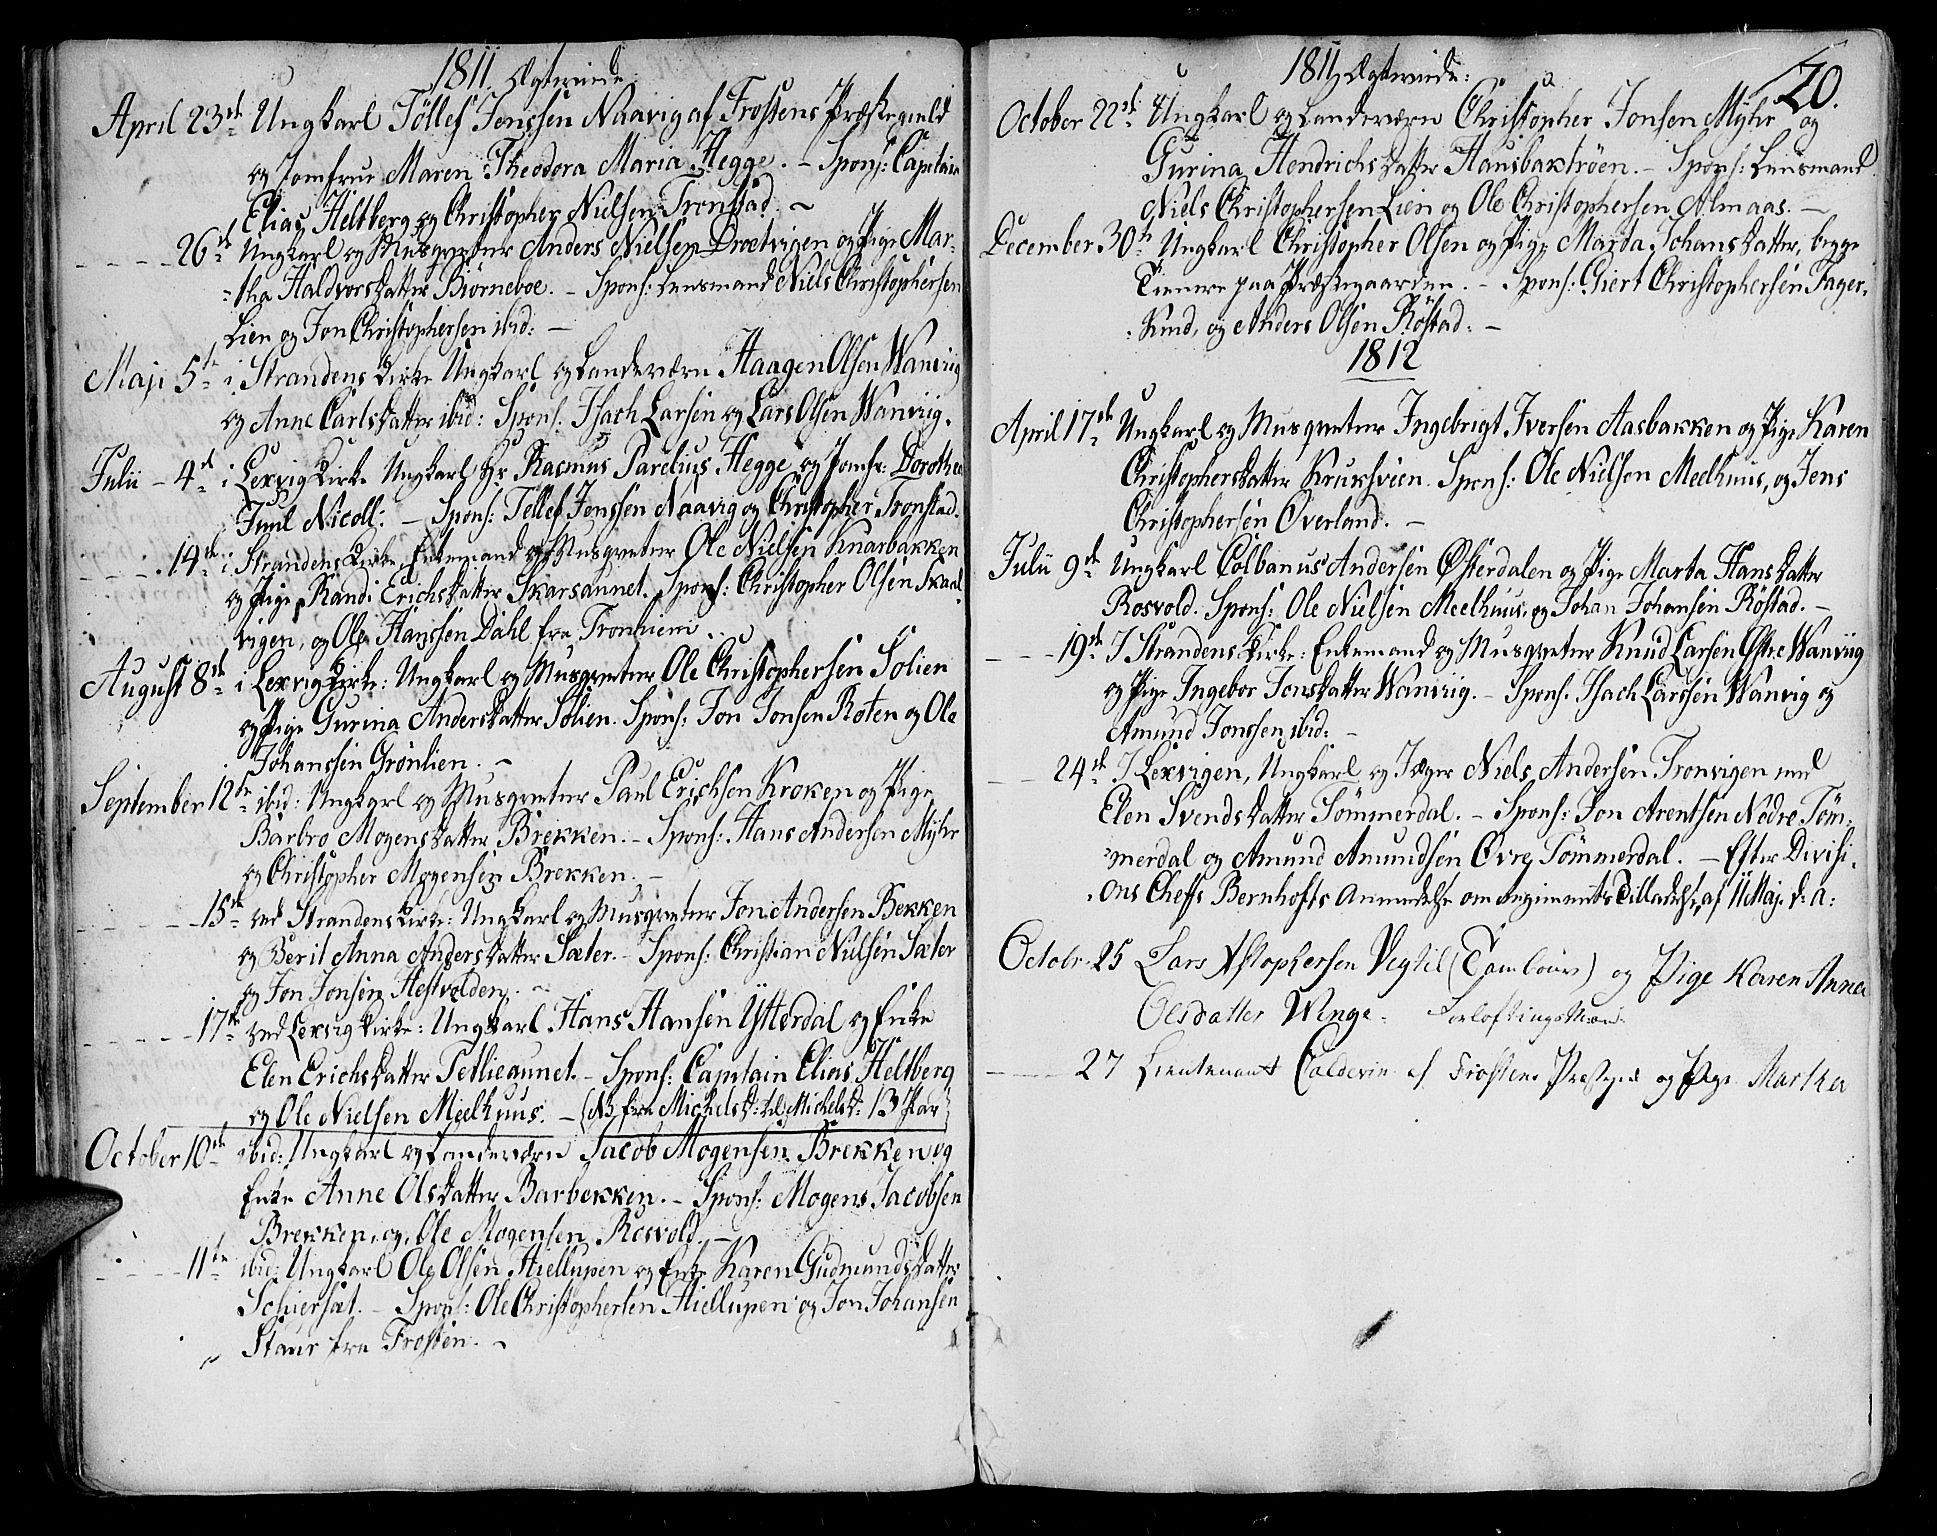 SAT, Ministerialprotokoller, klokkerbøker og fødselsregistre - Nord-Trøndelag, 701/L0004: Ministerialbok nr. 701A04, 1783-1816, s. 20